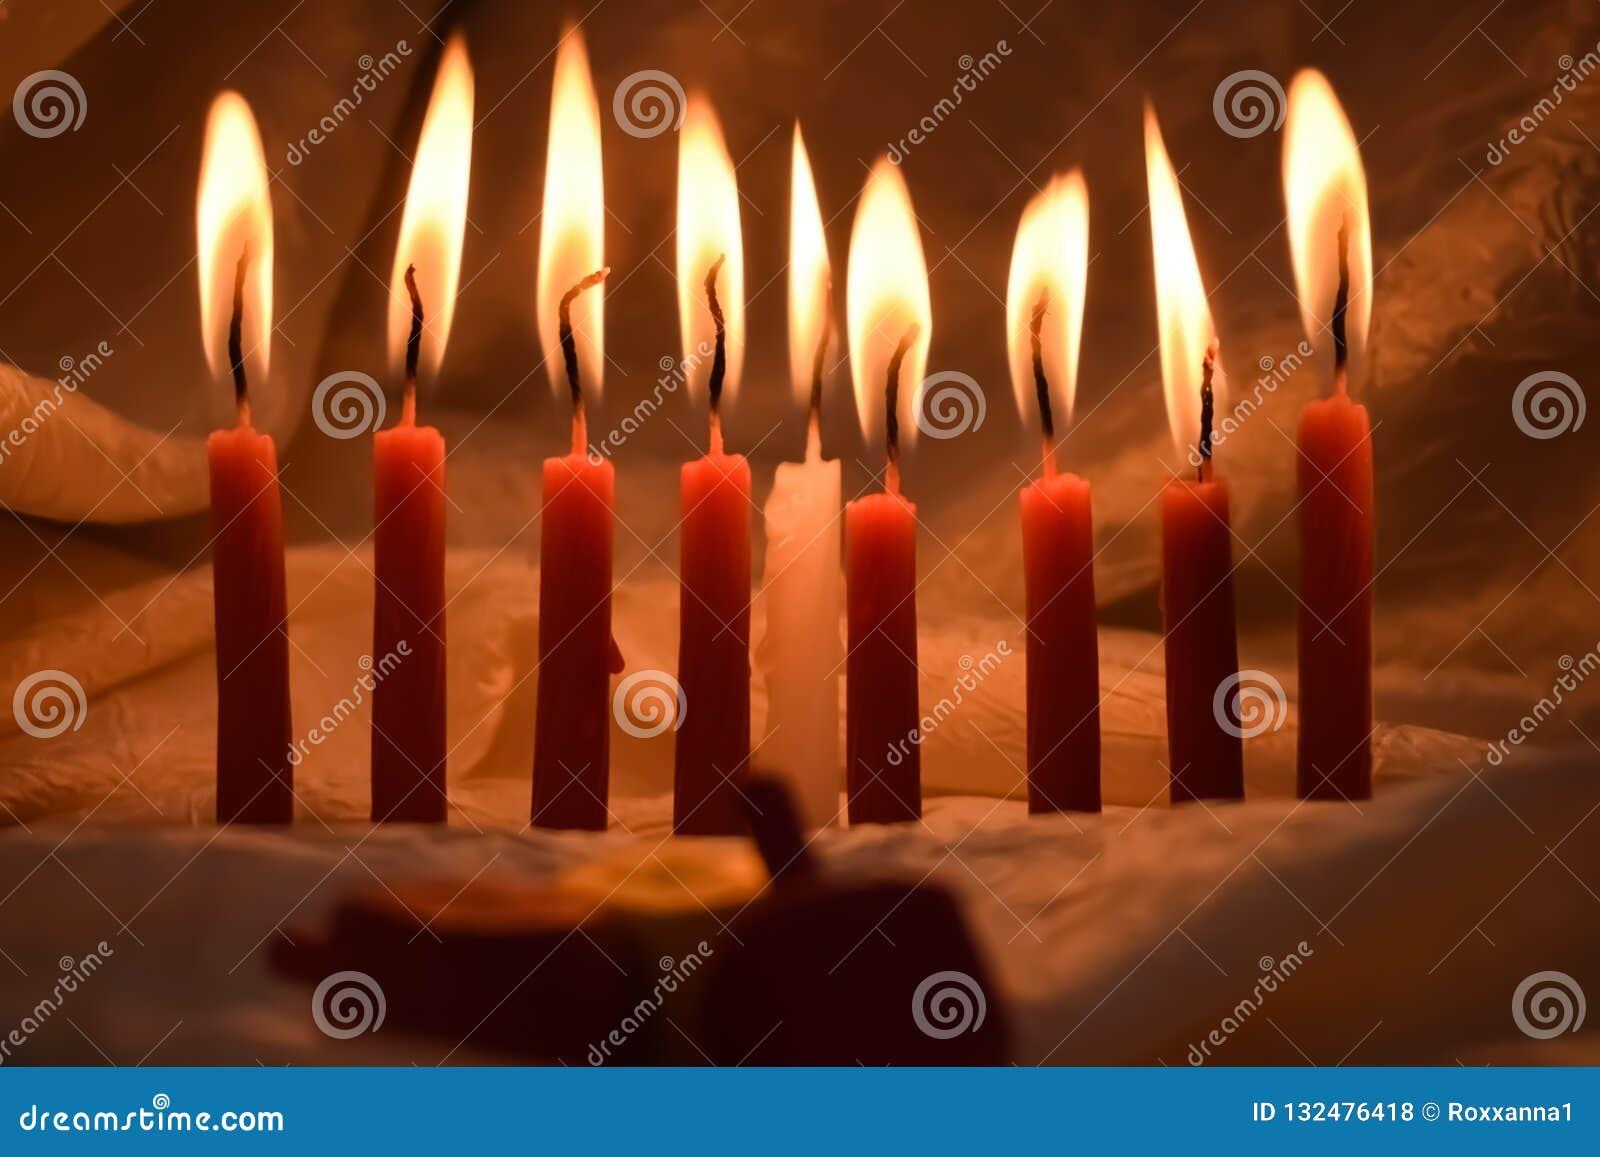 Velas do Hanukkah iluminadas na obscuridade